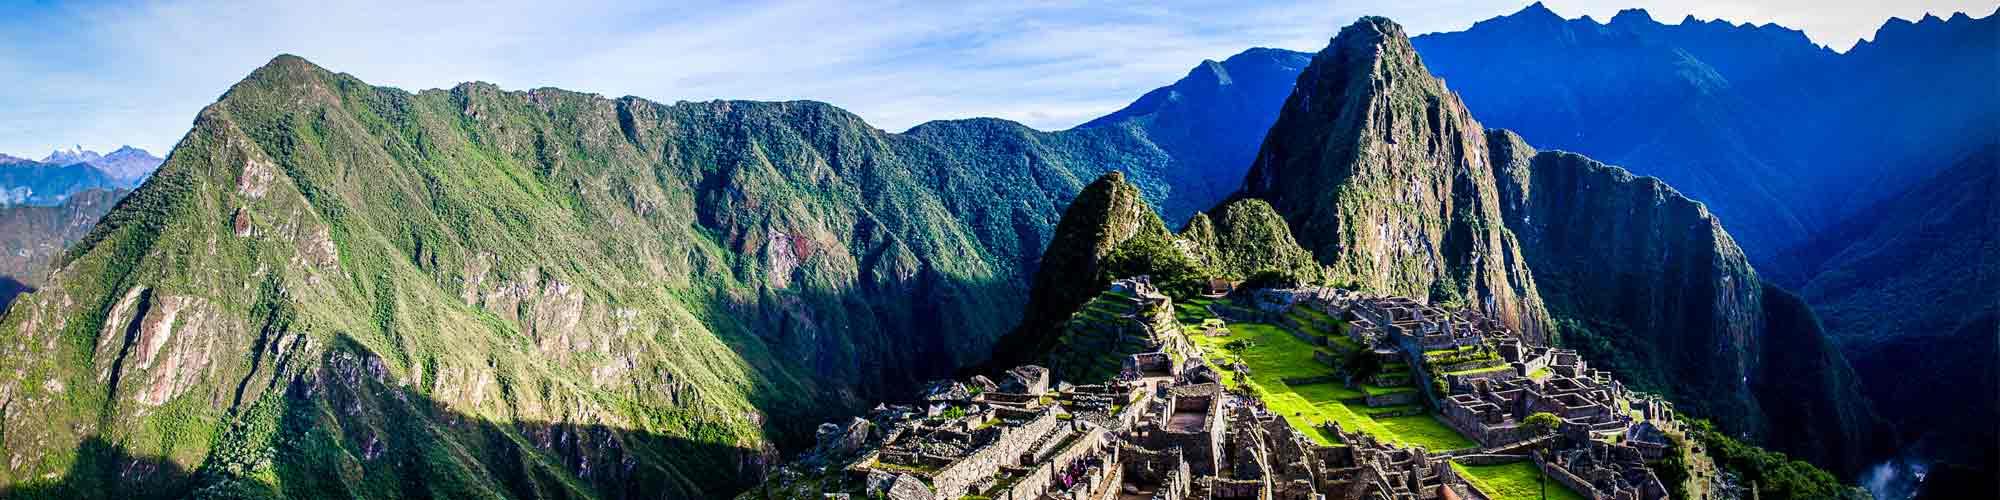 Resultado de imagen para Lima peru